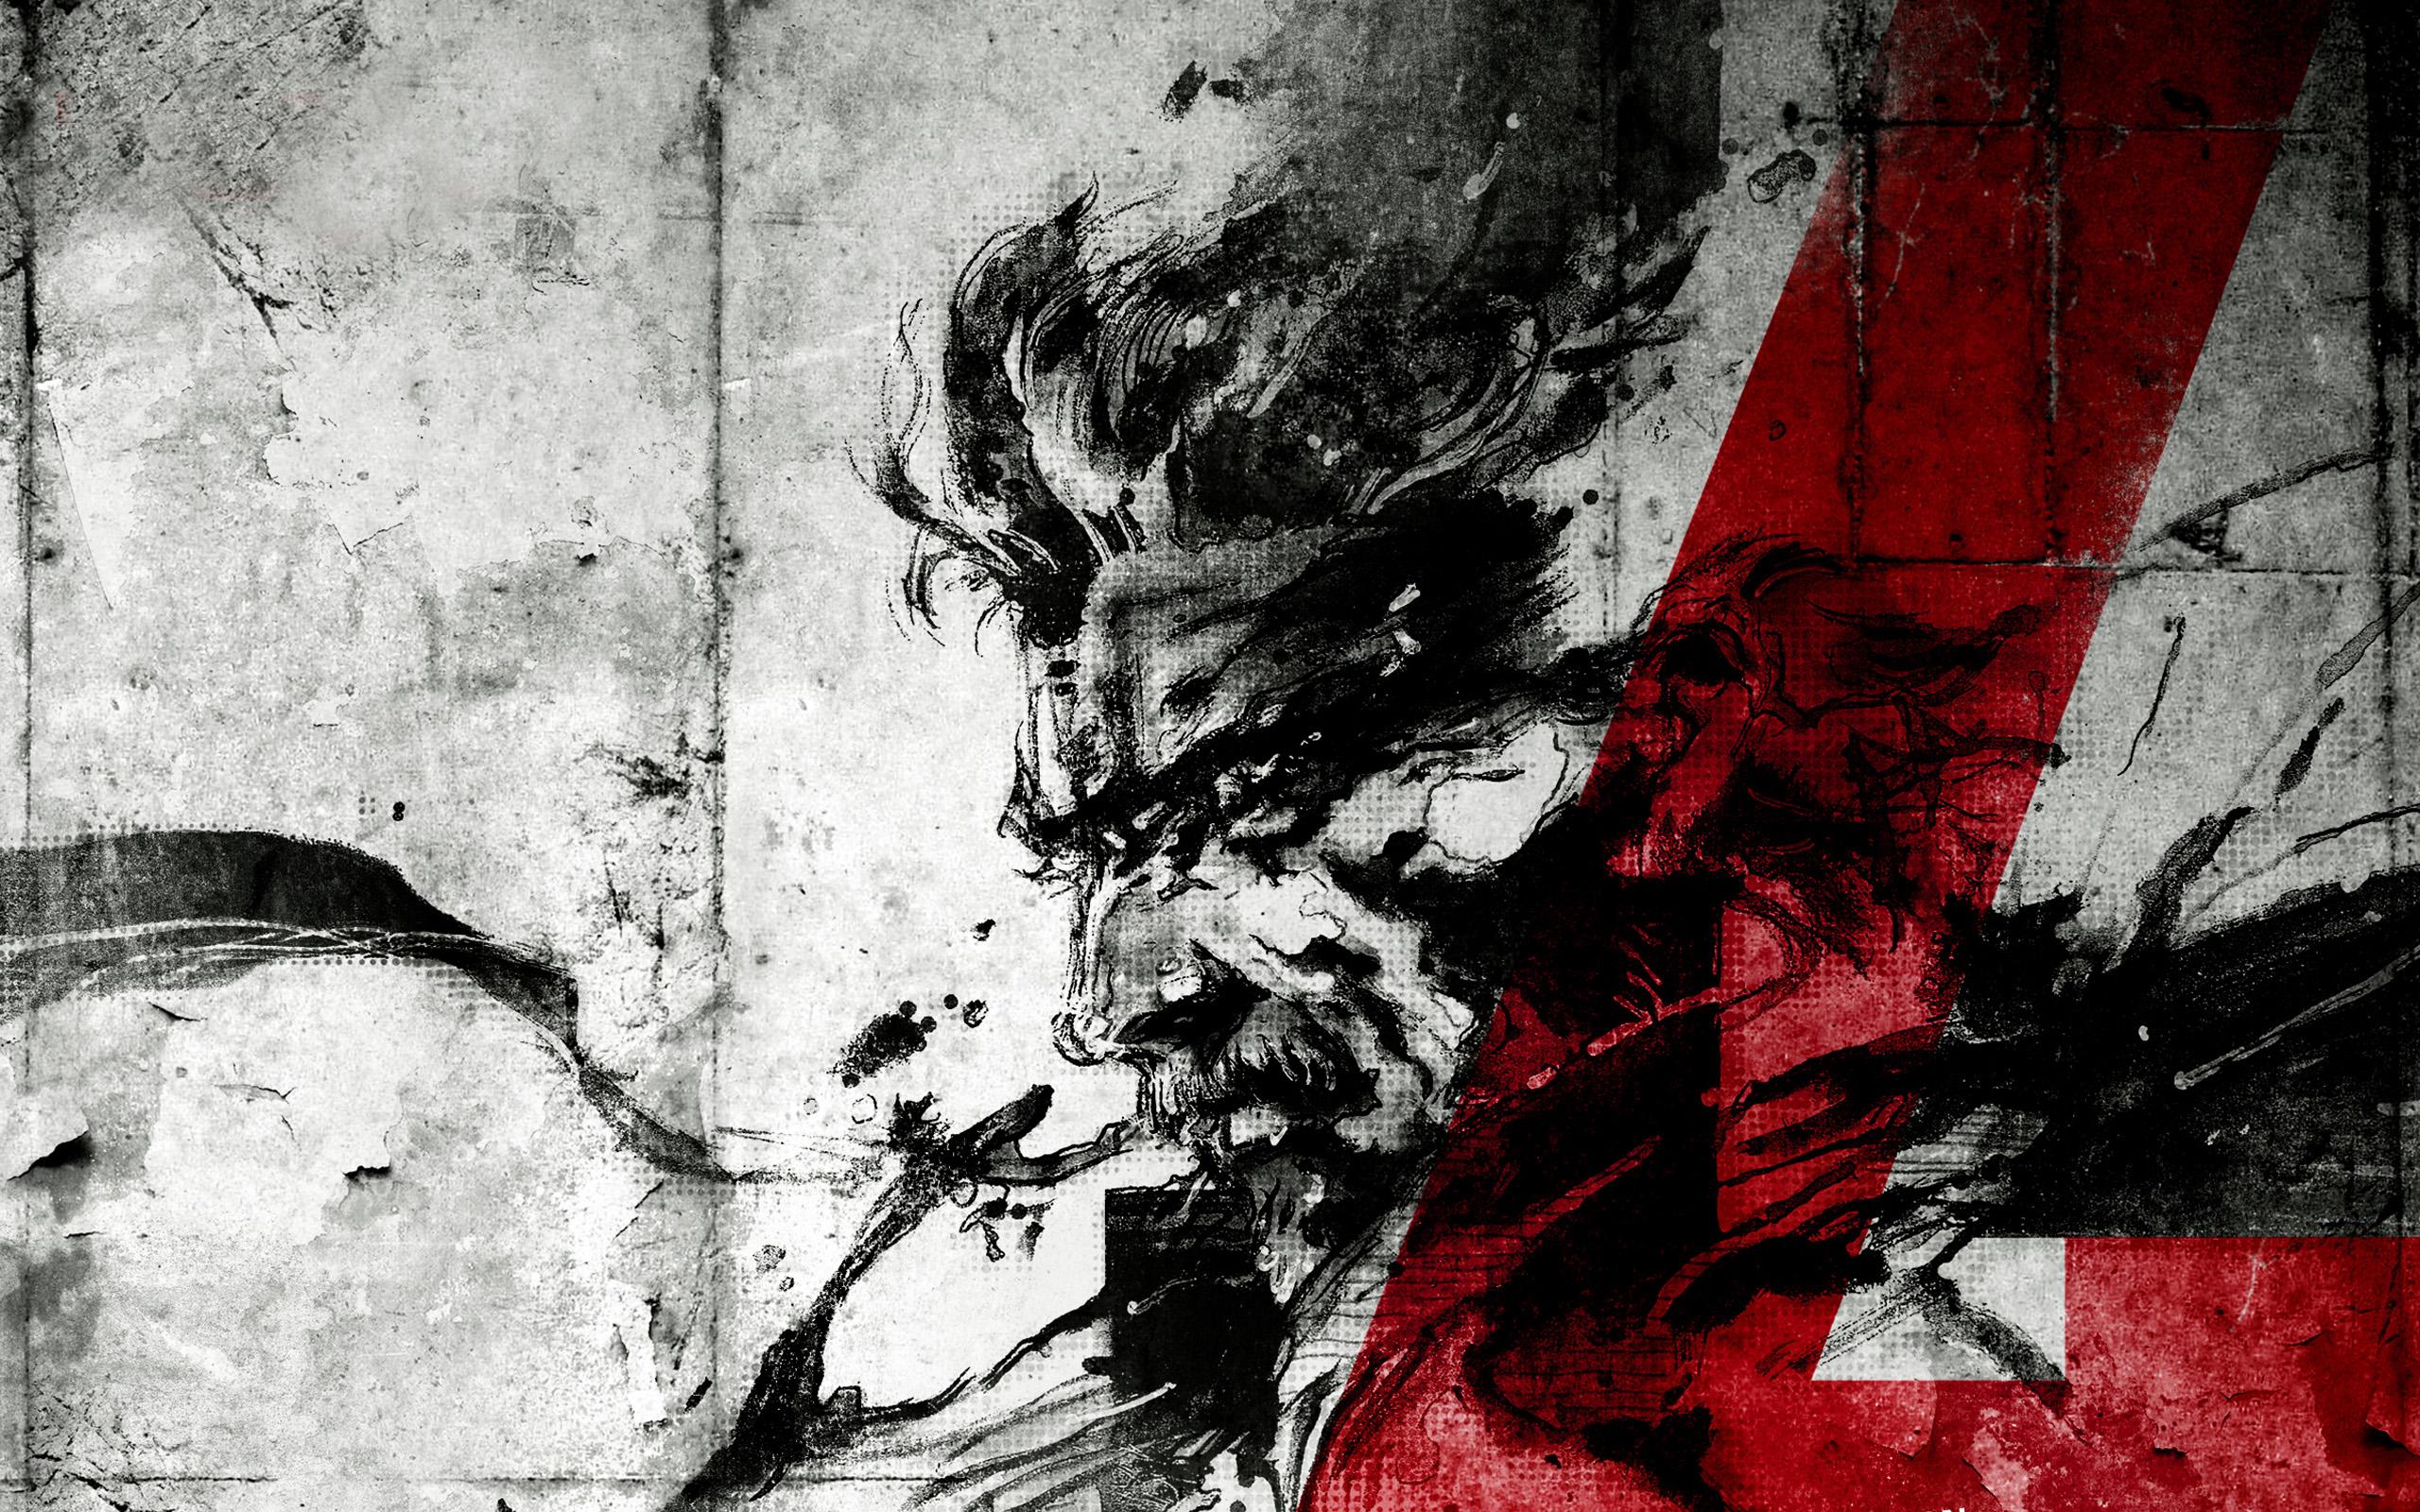 metal gear solid v soundtrack download